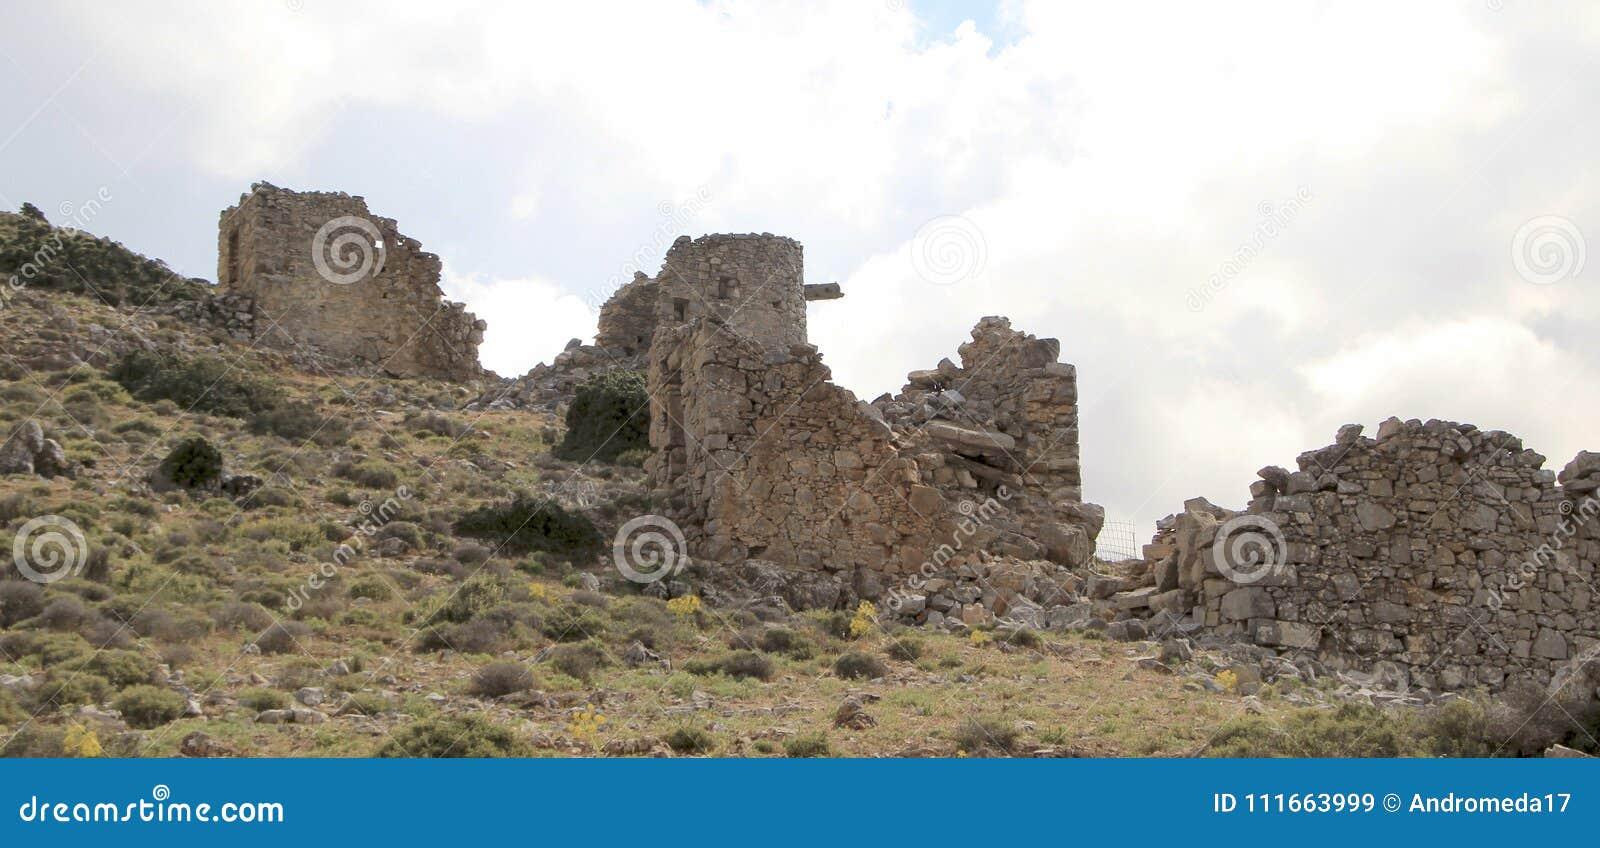 Ruinen von den alten venetianischen Windmühlen errichtet im 15. Jahrhundert, Lassithi-Hochebene, Kreta, Griechenland